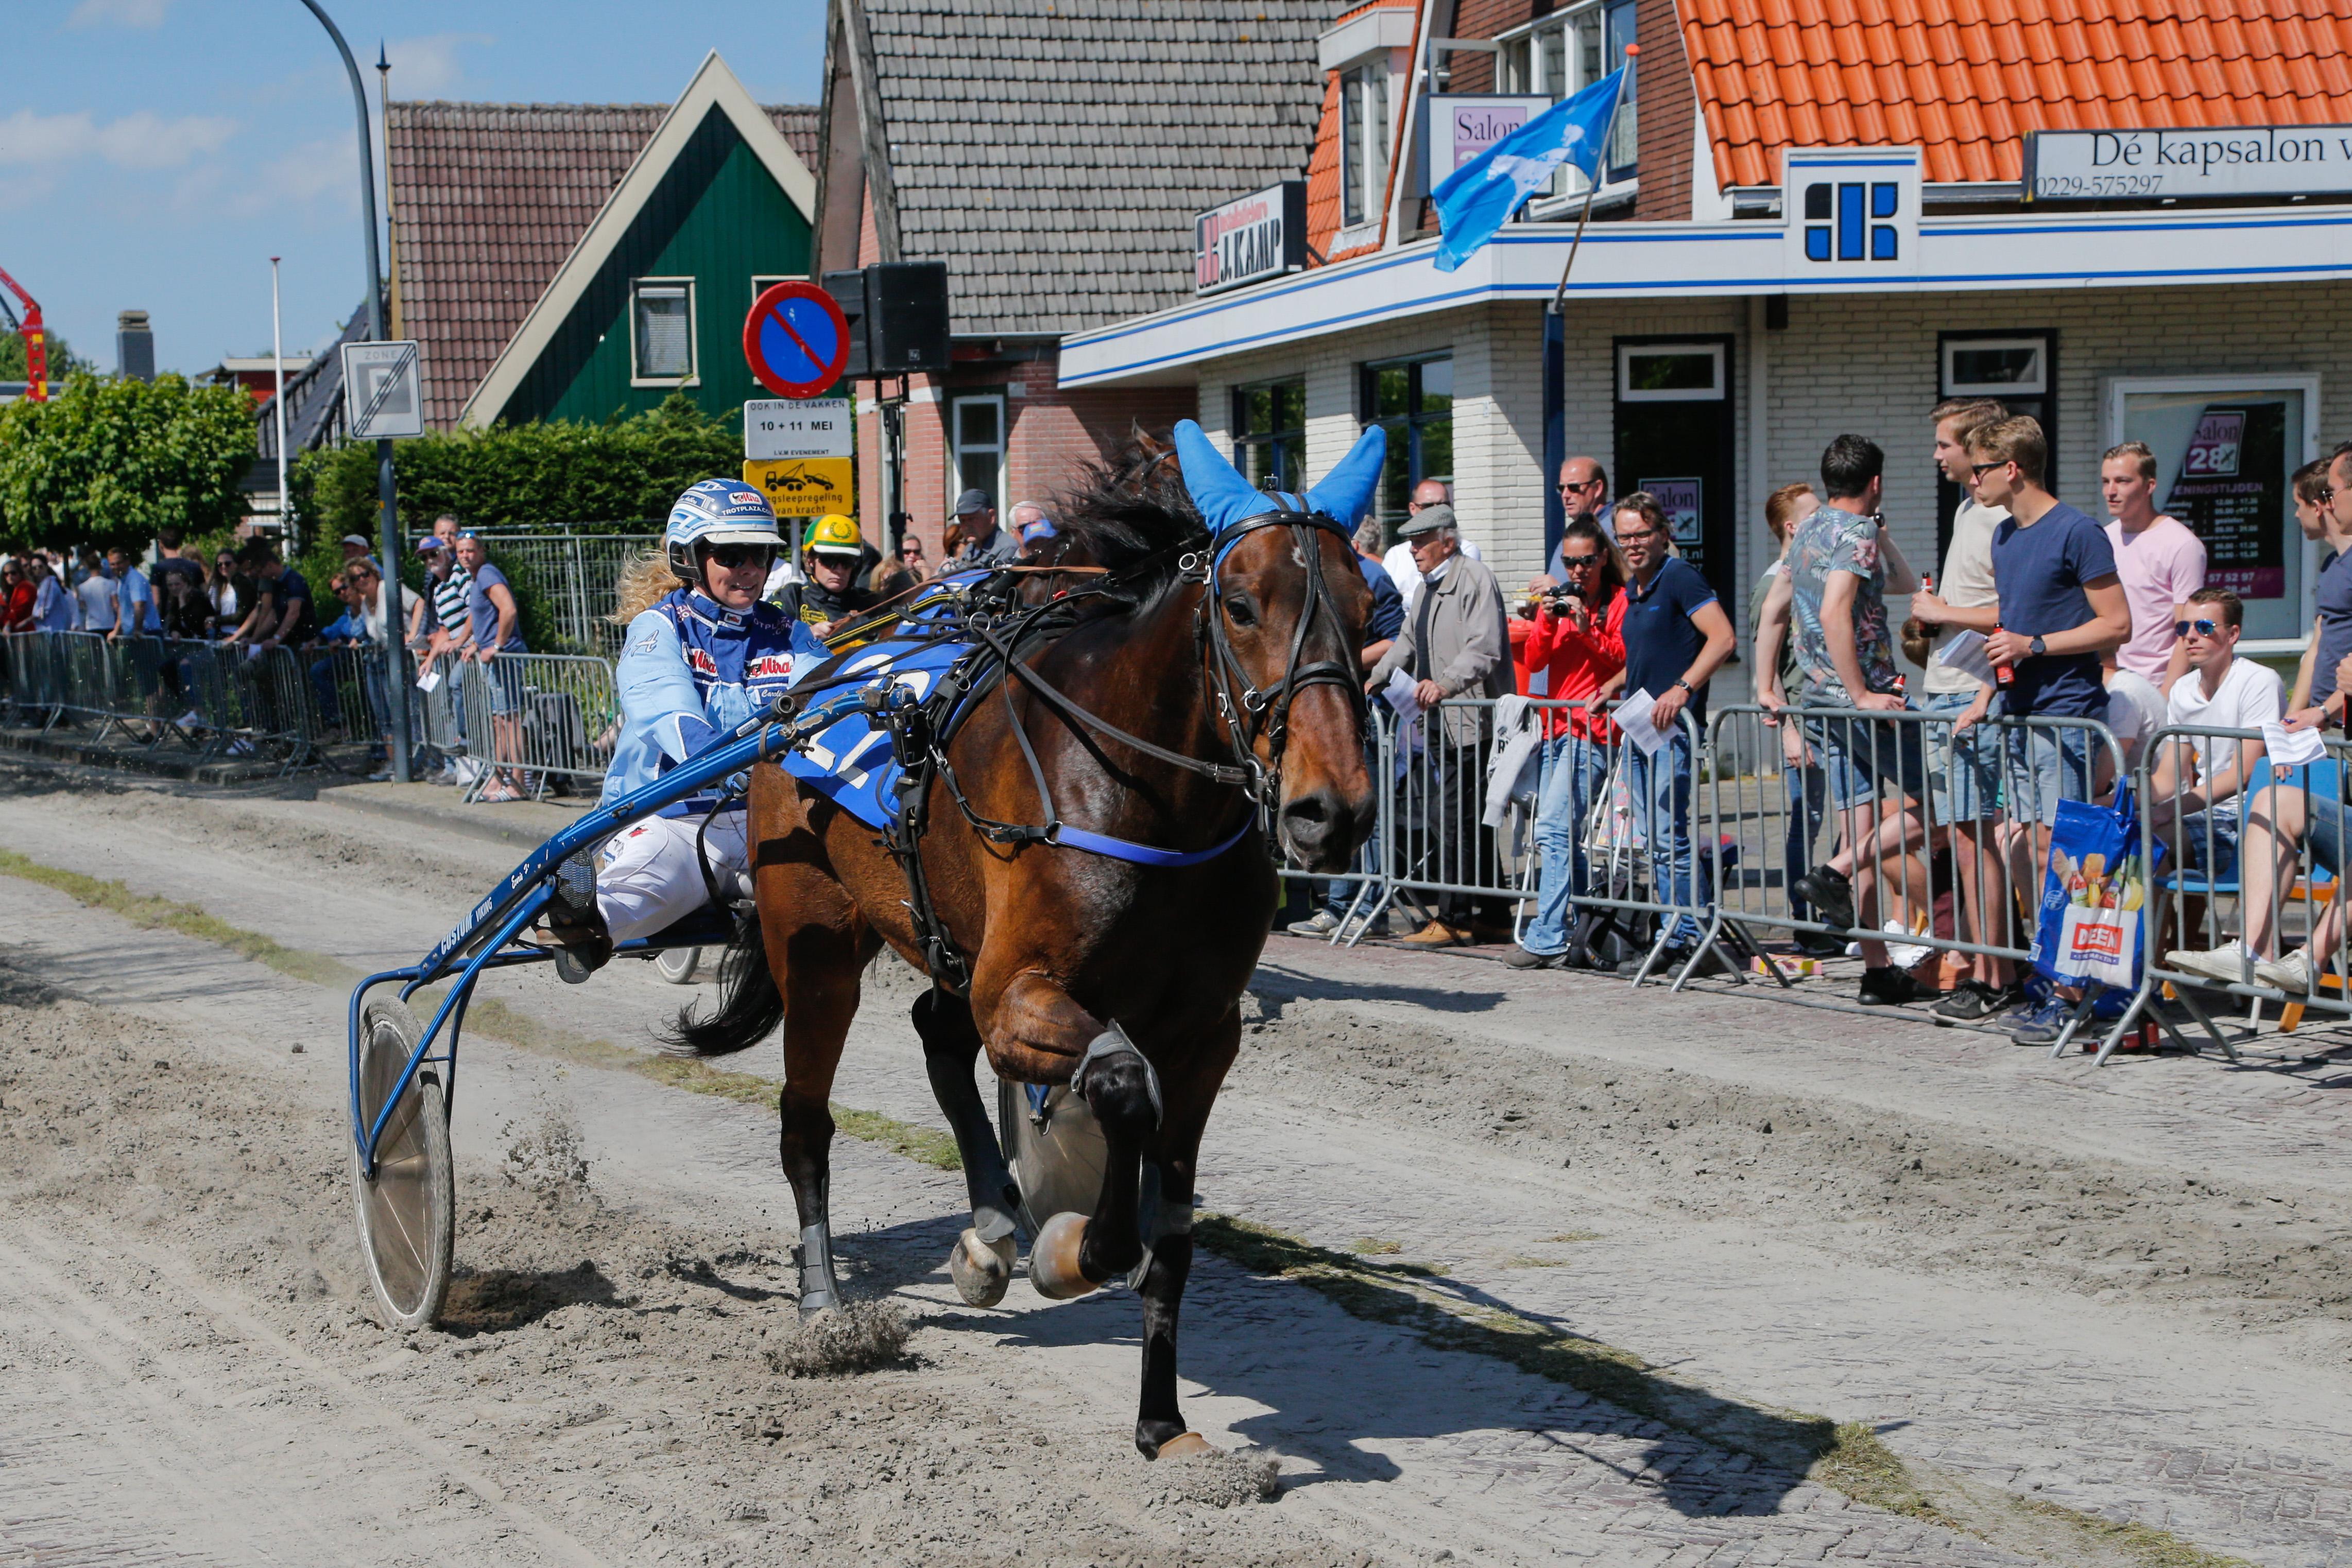 West-Friese draverijen dragen financieel bij aan NK Kortebaan op Duindigt: 'Als steun aan paardeneigenaren, trainers en rijders'